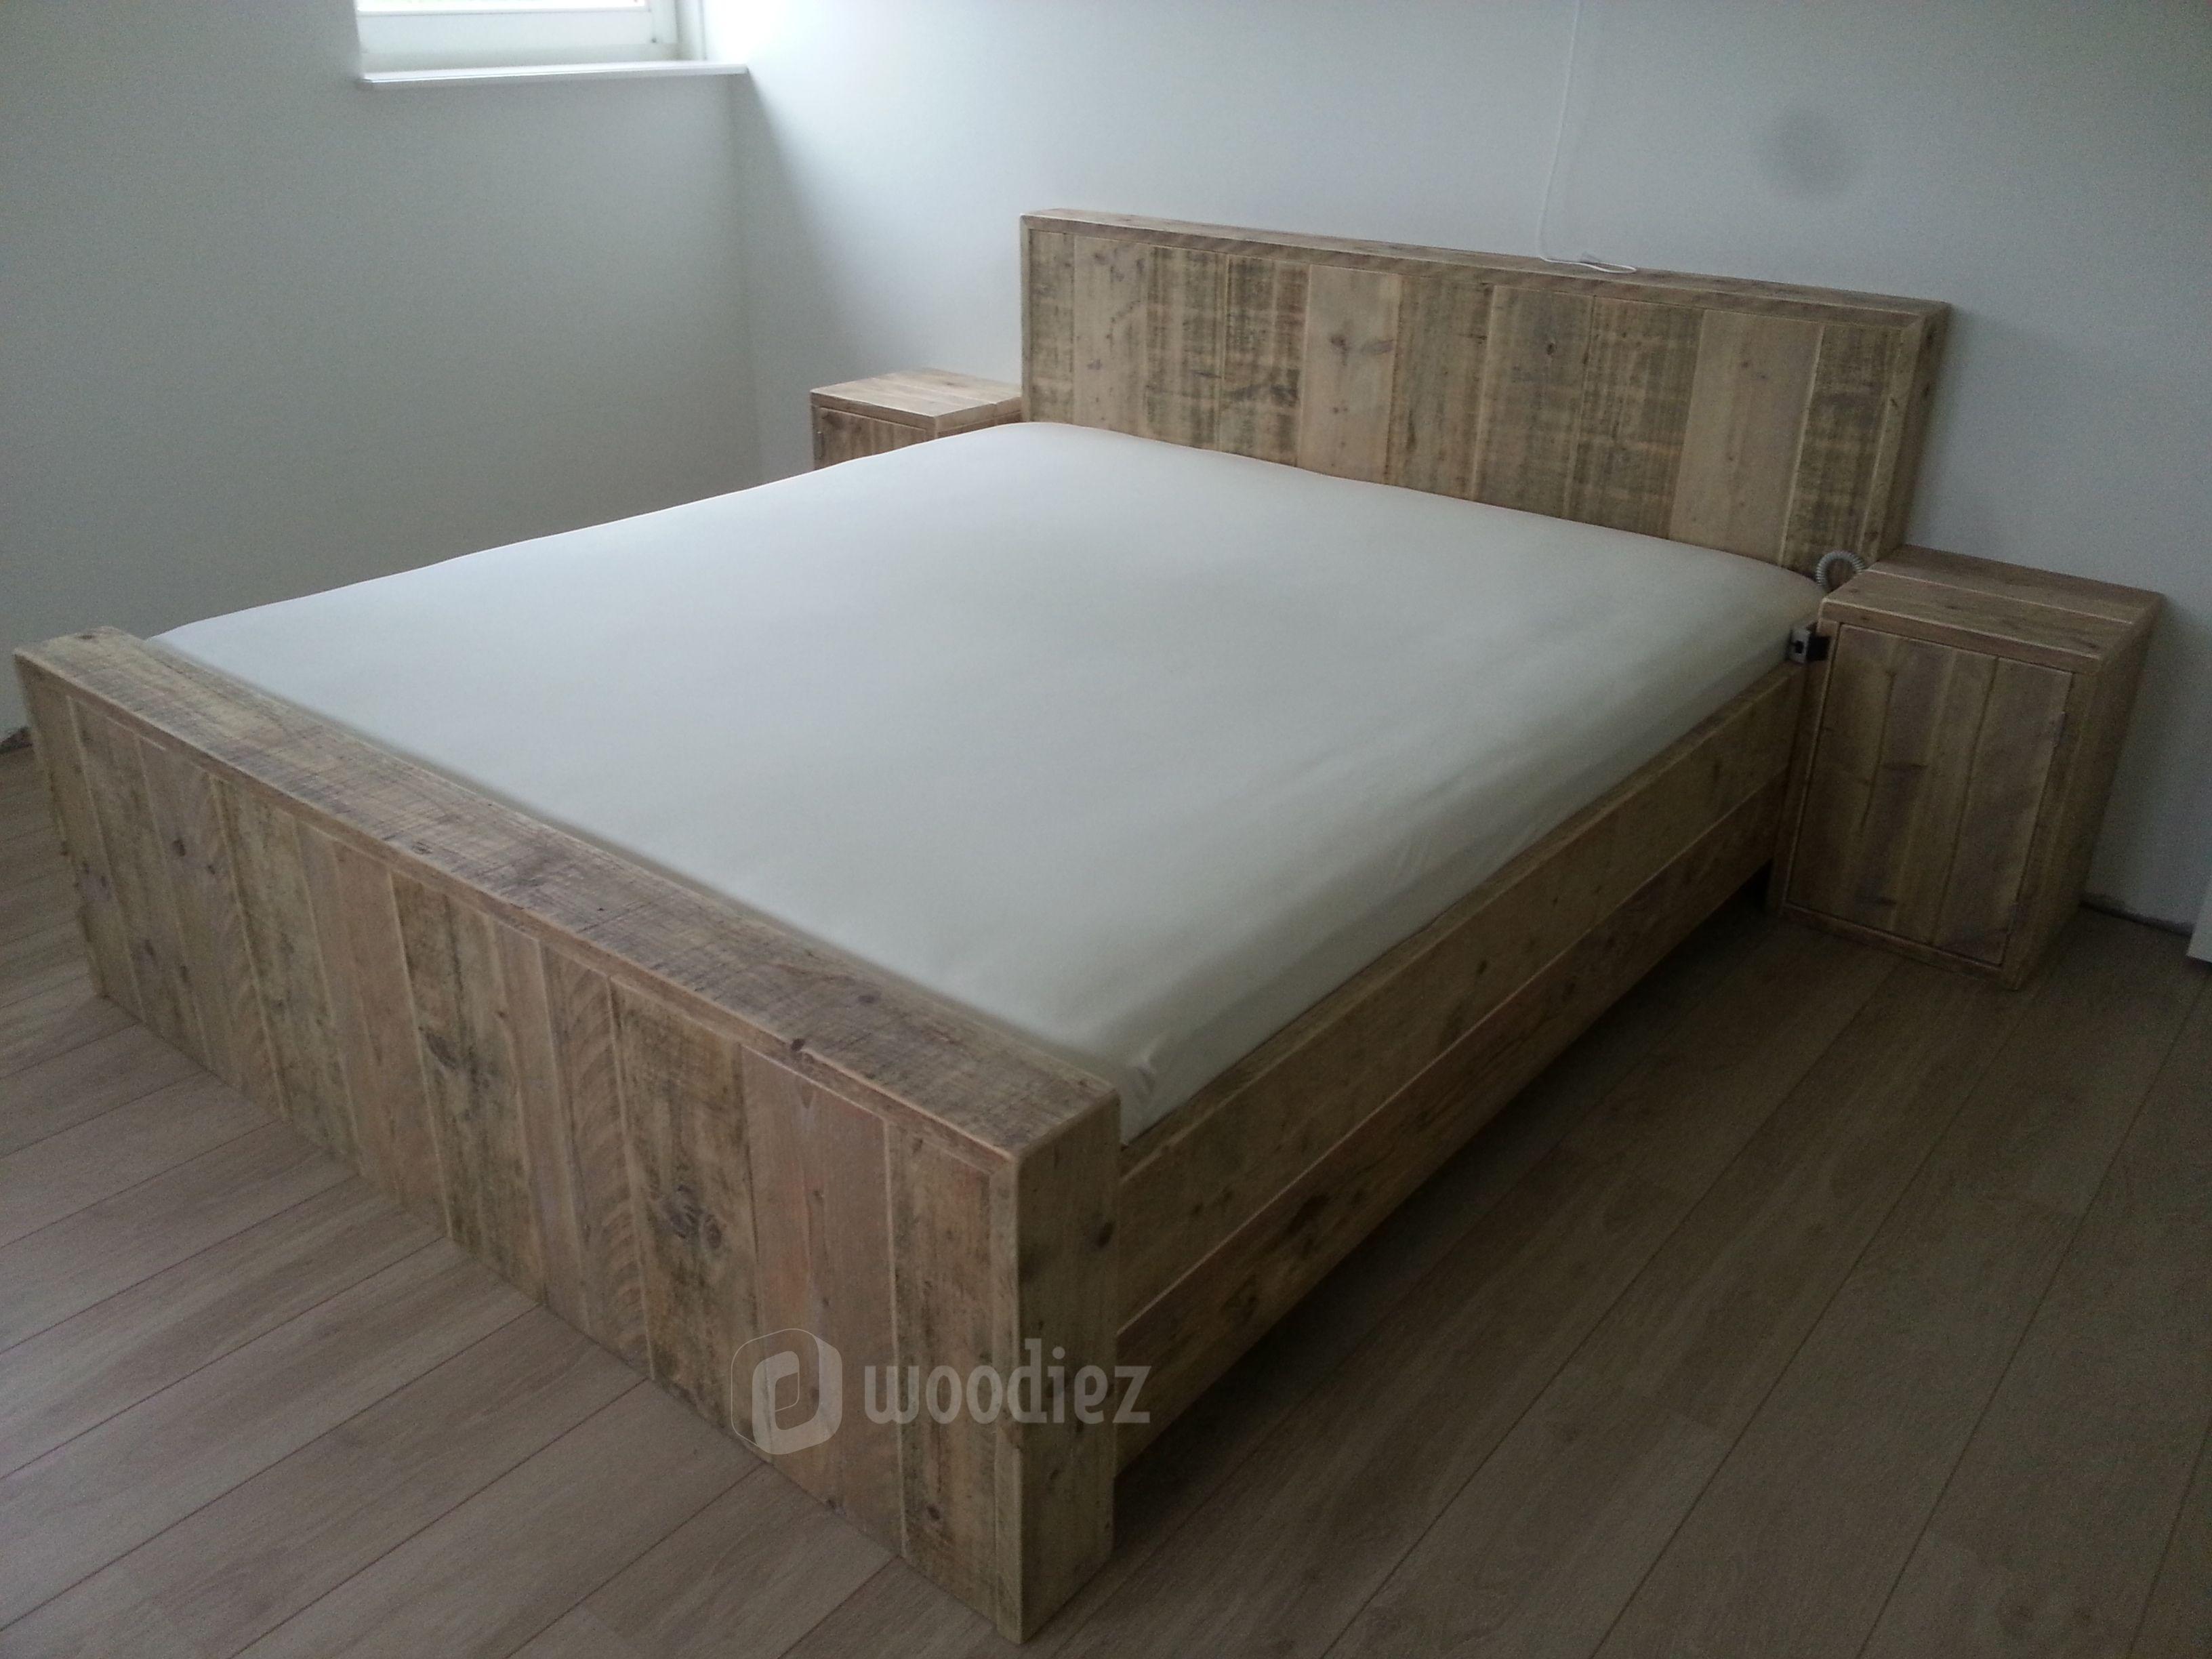 Steigerhouten meubels op maat gemaakt kopen | Altholz, Betten und Möbel